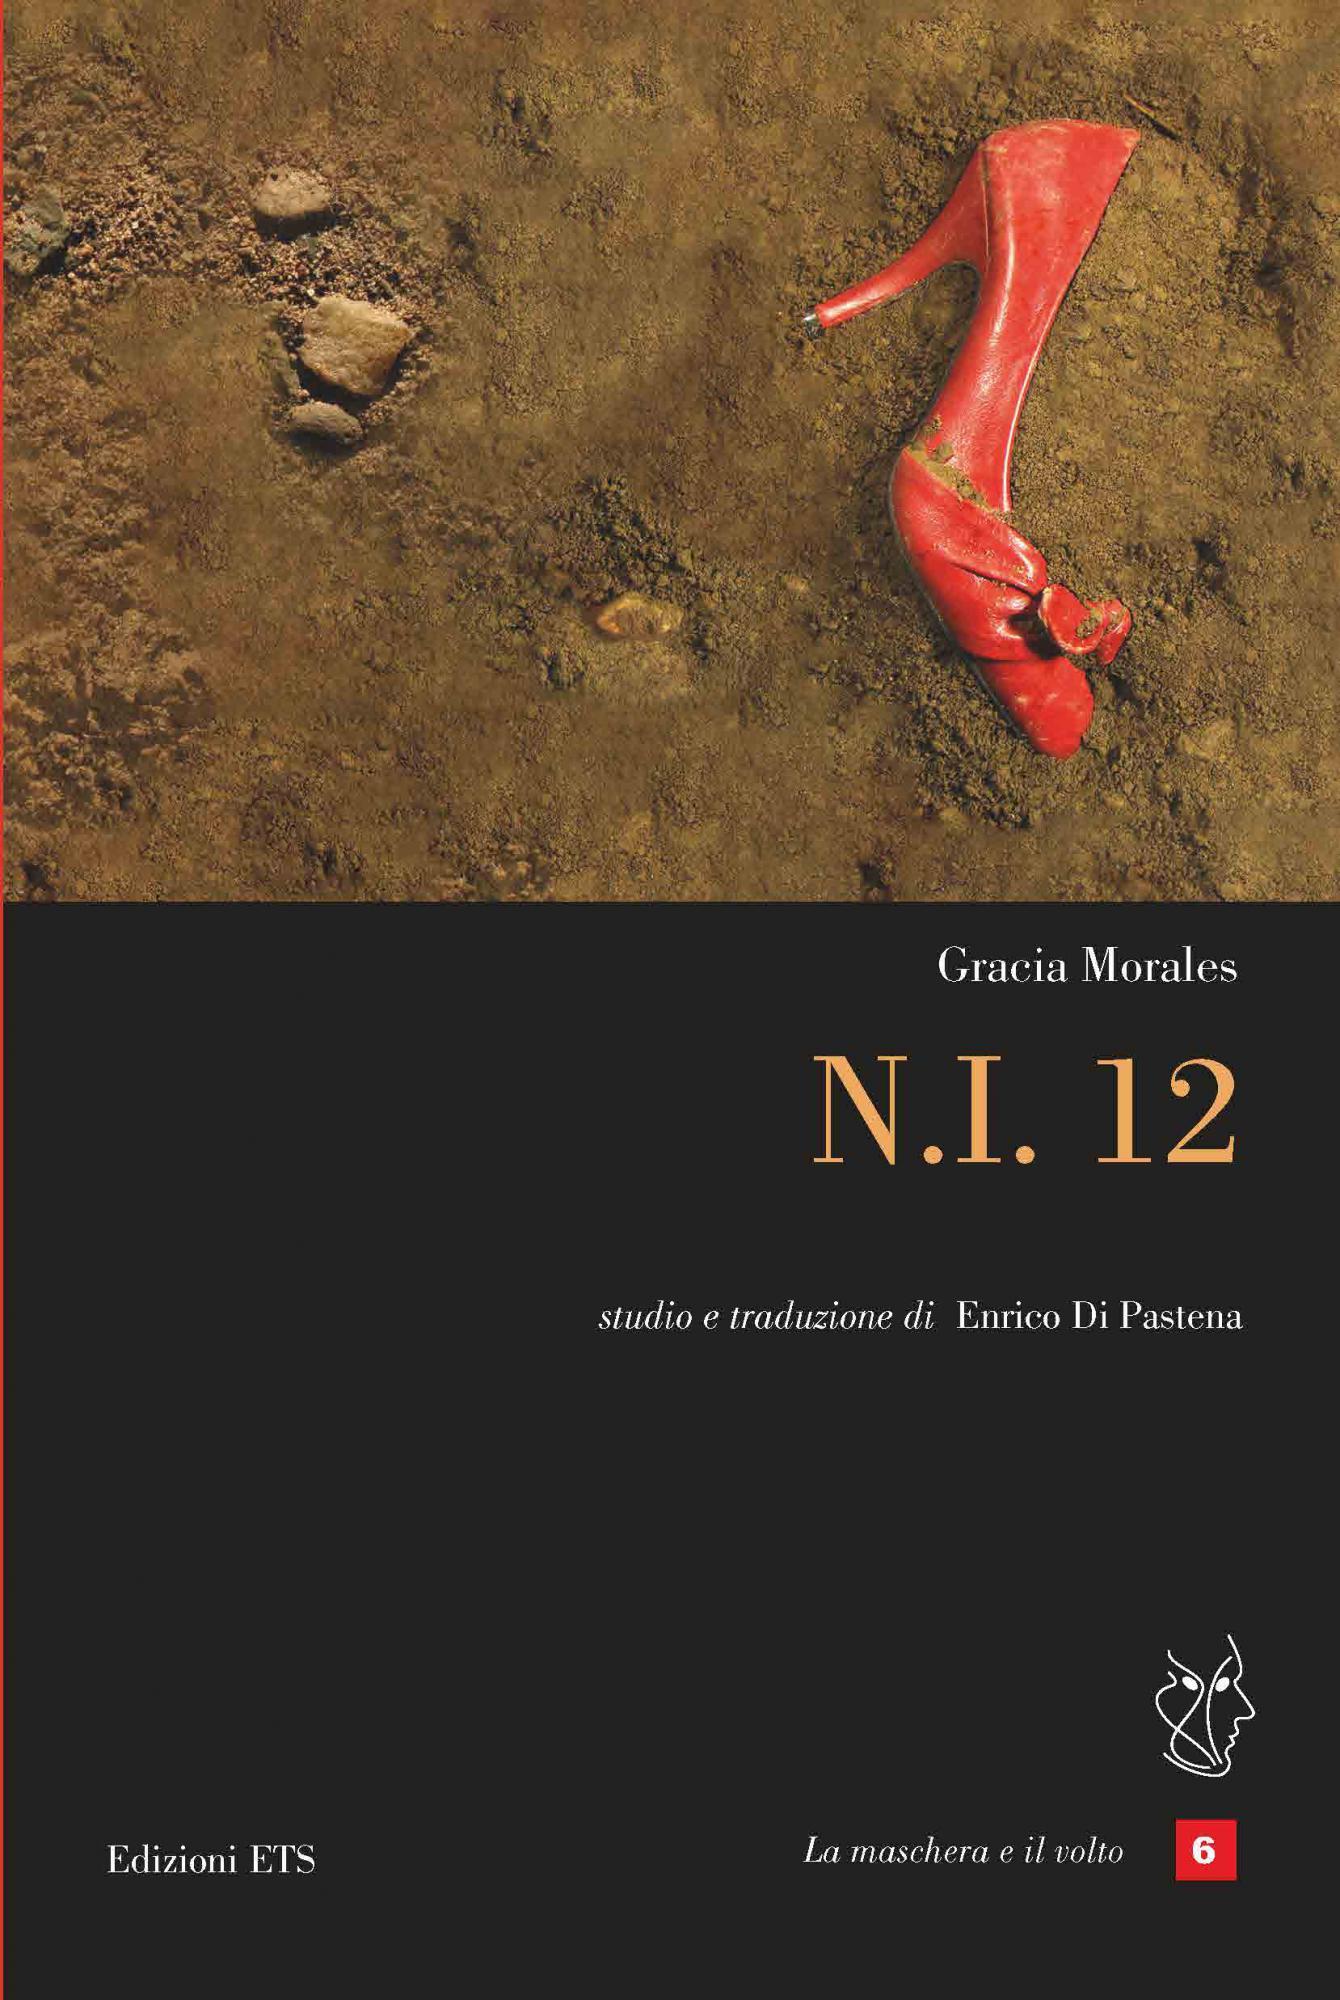 N.I. 12